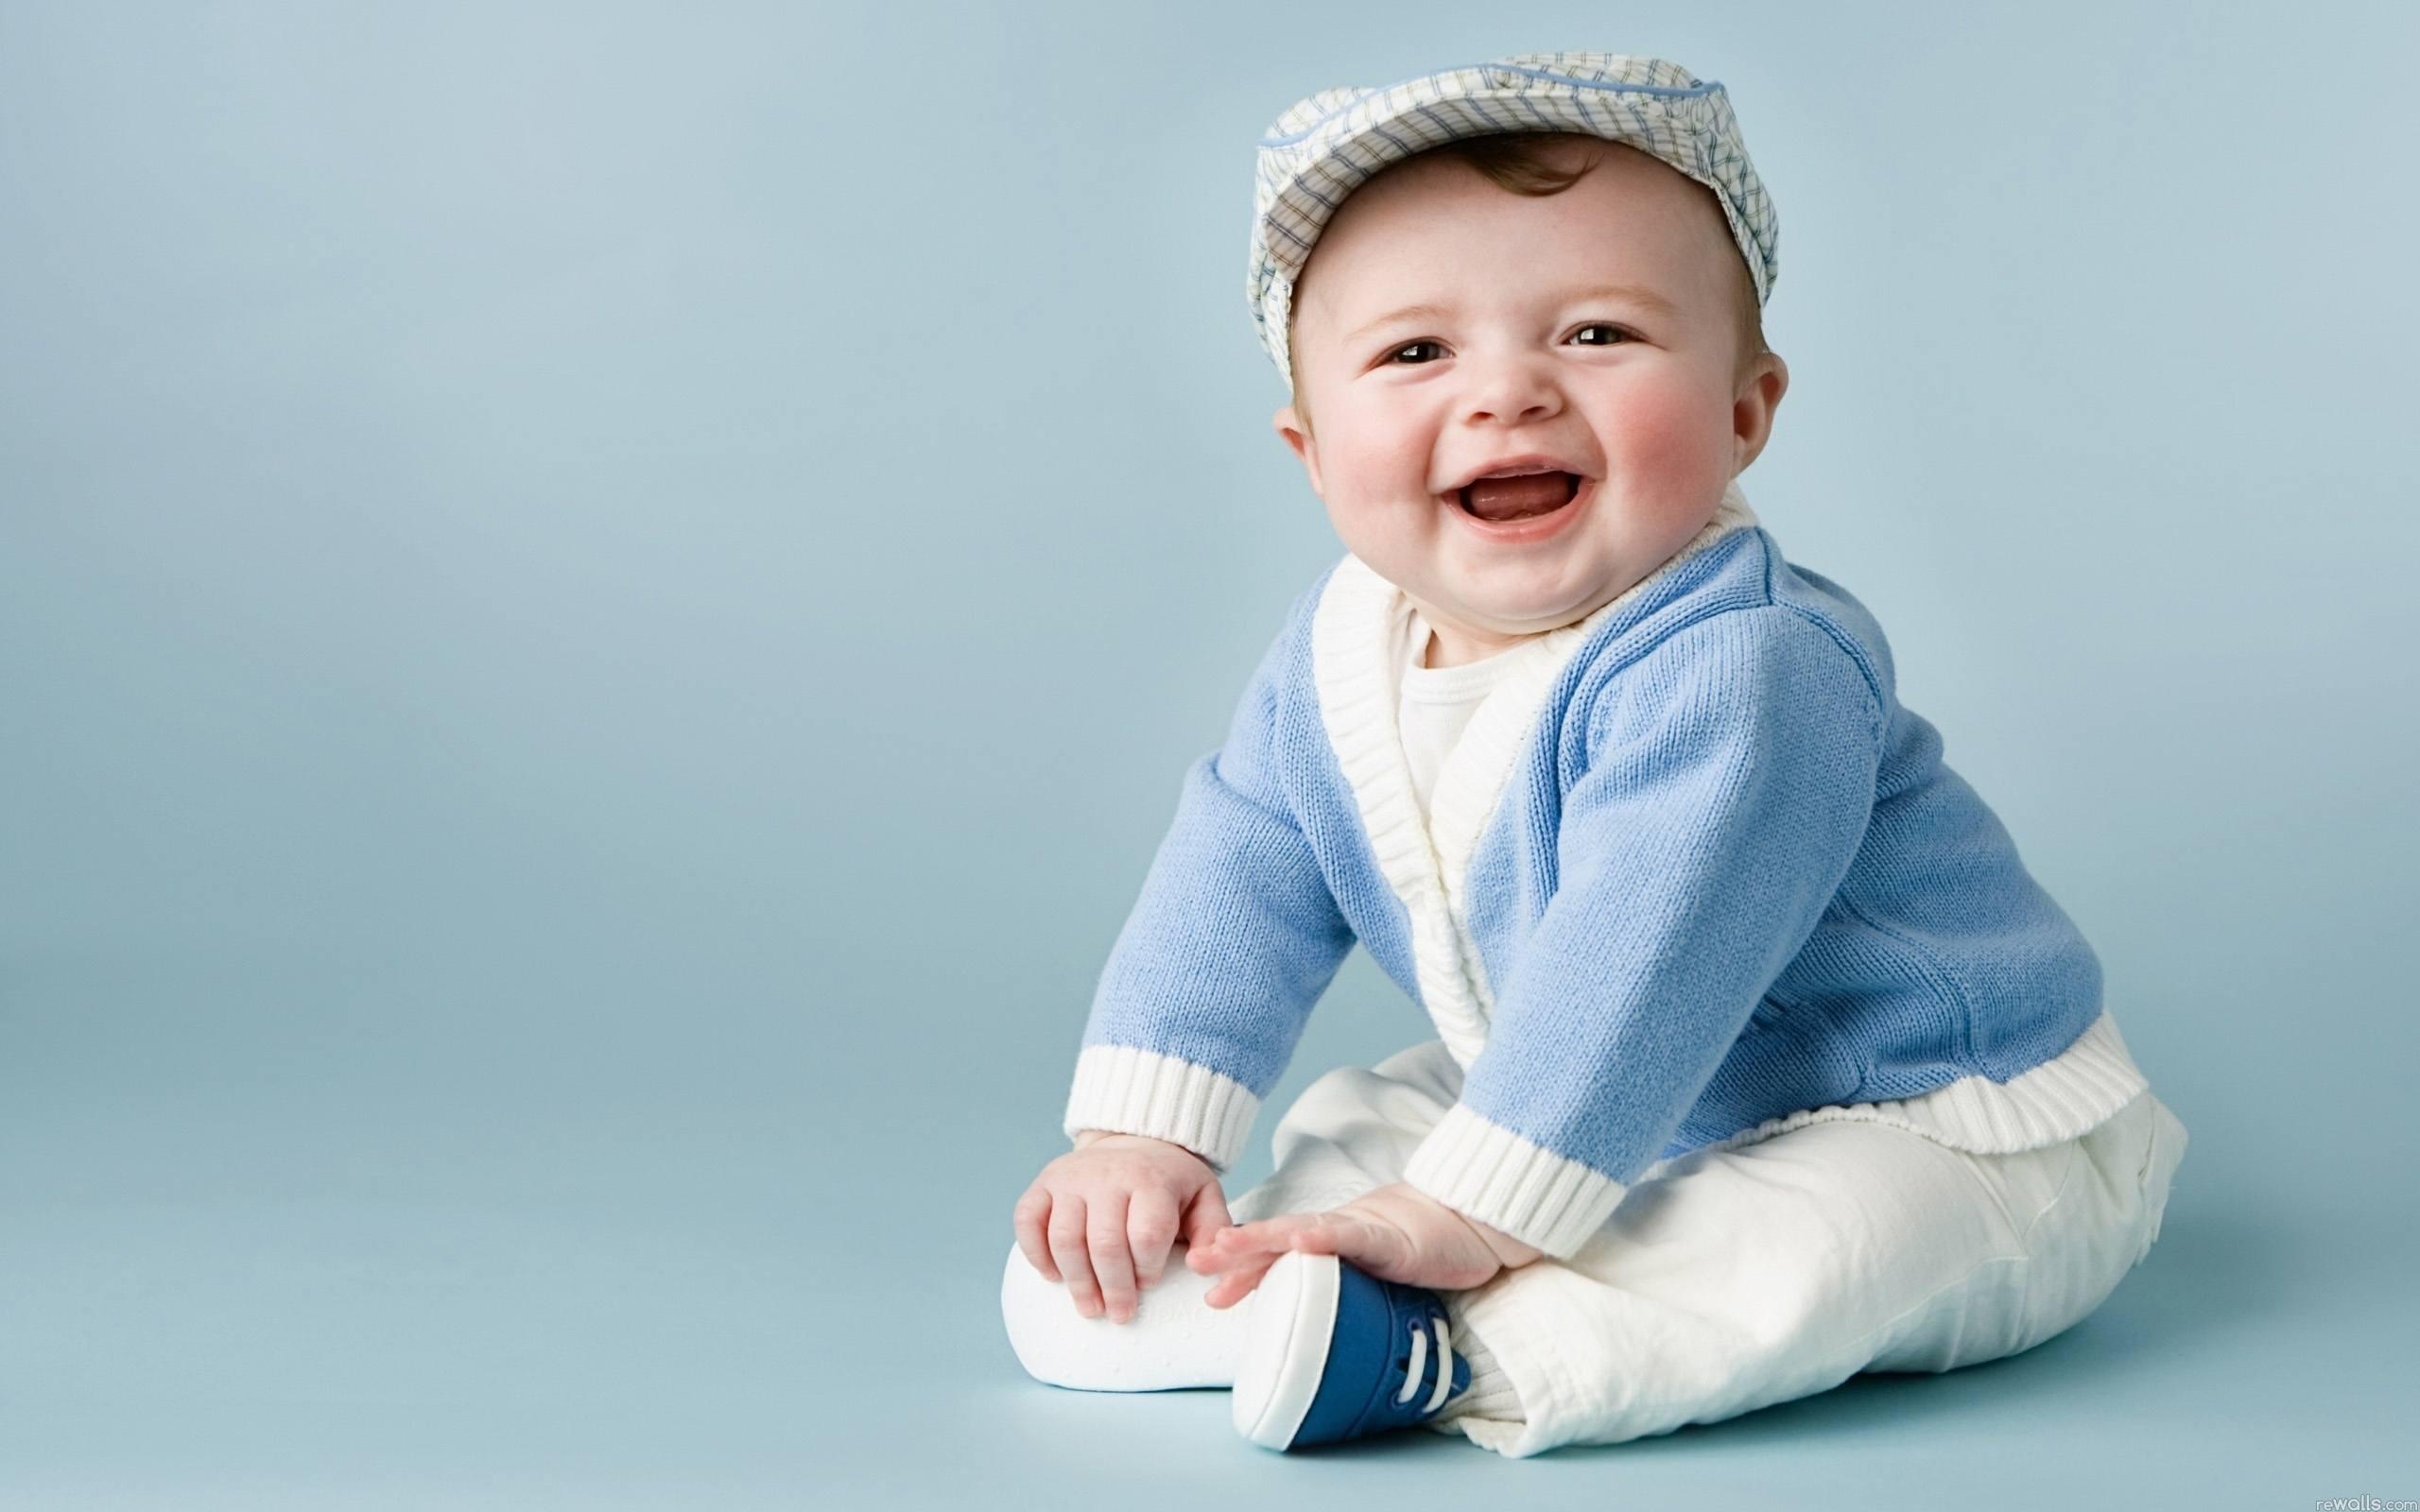 Baby Wallpaper 009